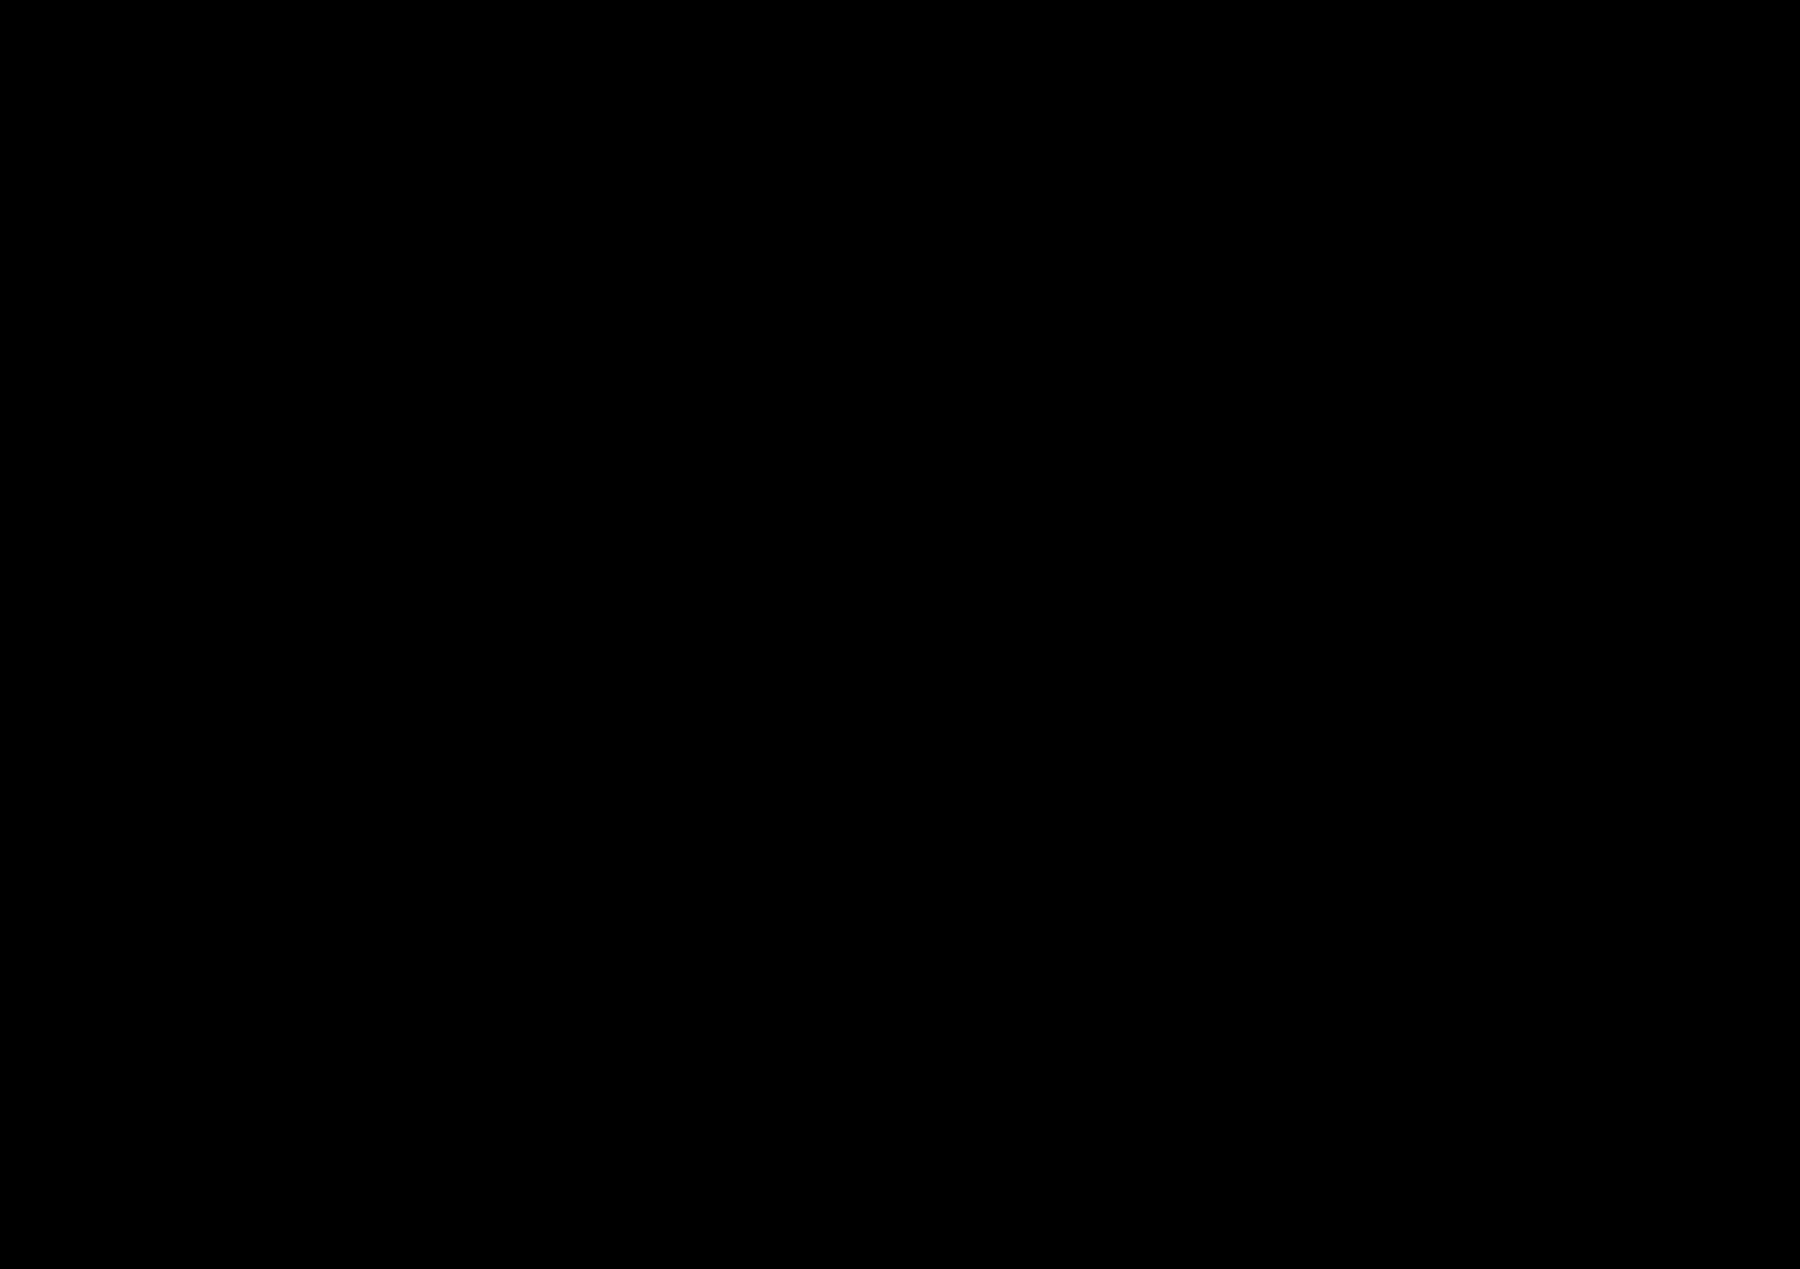 喜美嶋家での出来事 完全版 AM8:30~11:15 89